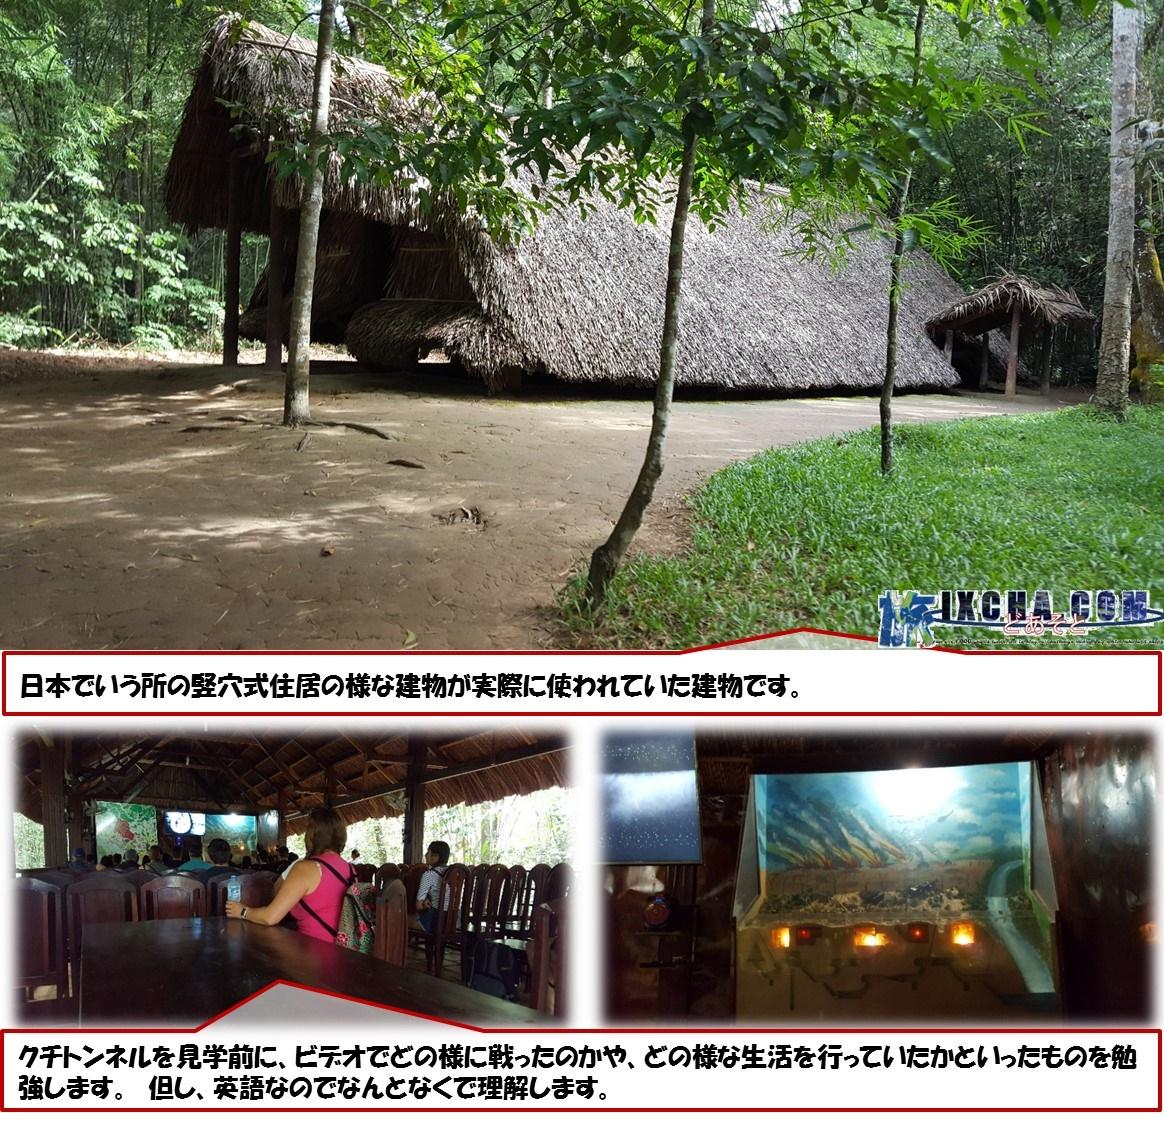 日本でいう所の竪穴式住居の様な建物が実際に使われていた建物です。 クチトンネルを見学前に、ビデオでどの様に戦ったのかや、どの様な生活を行っていたかといったものを勉強します。 但し、英語なのでなんとなくで理解します。